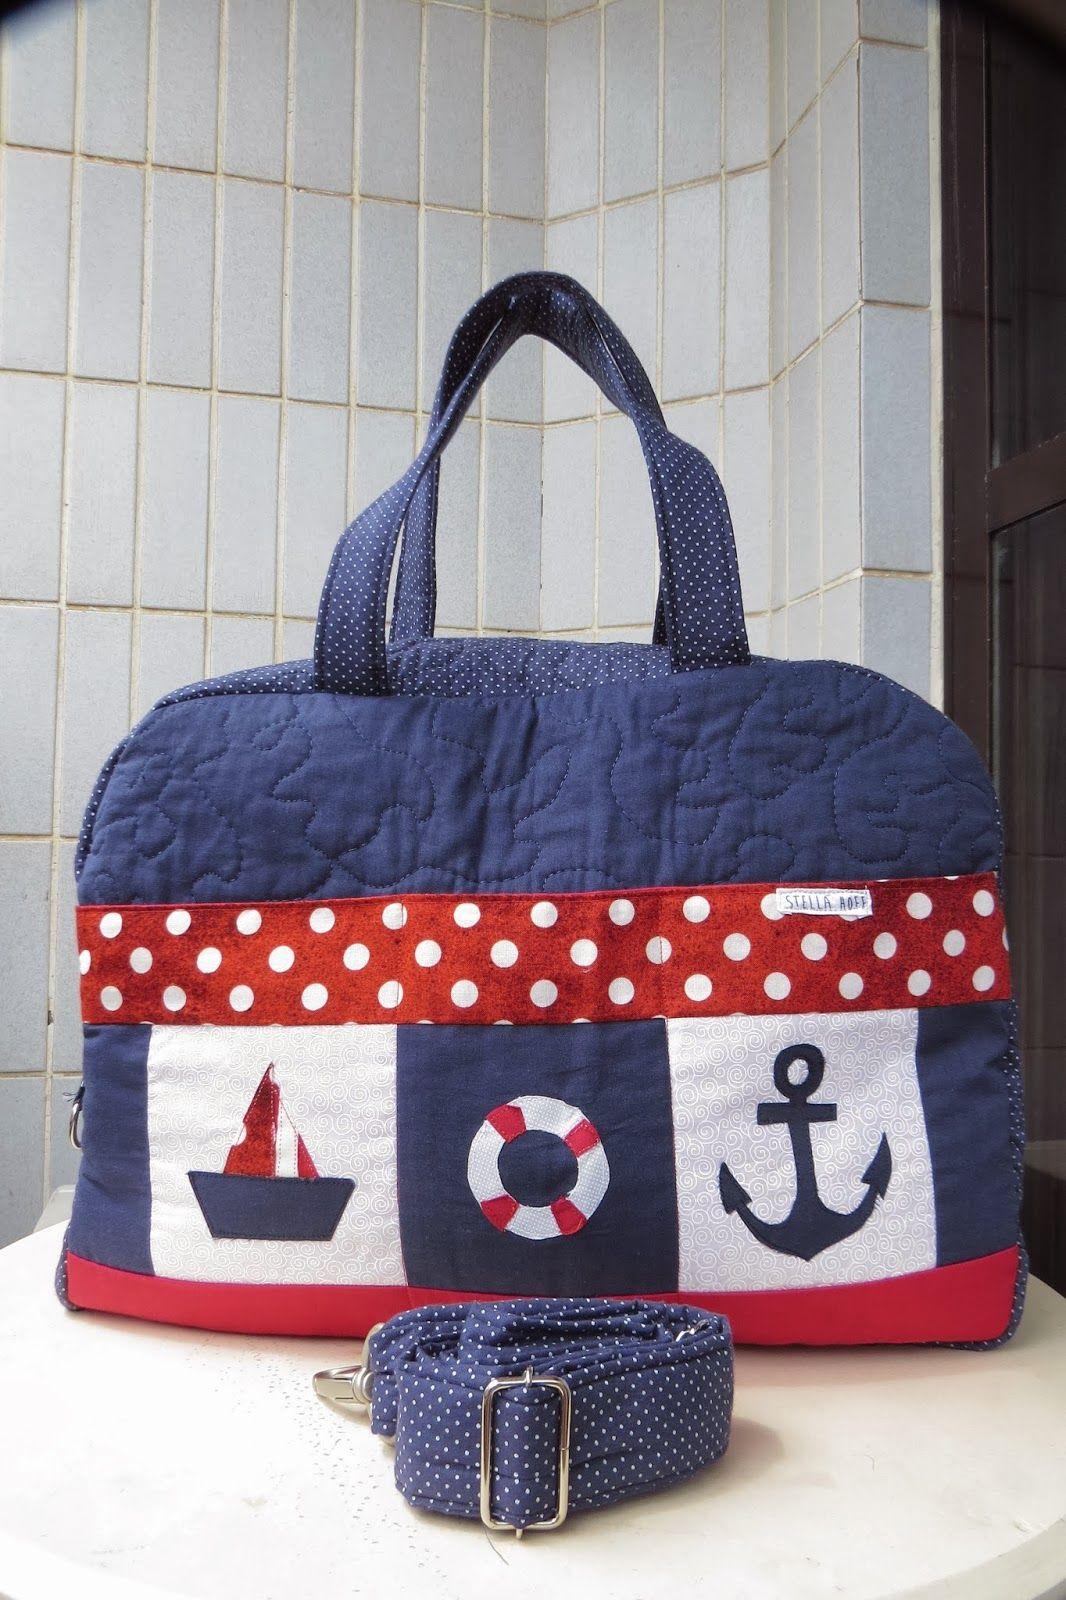 6000c69be Um blog de patchwork com pap/tutorial de costura, inspirações de bolsas,  clutch, colchas e almofadas, aceitamos encomenda!